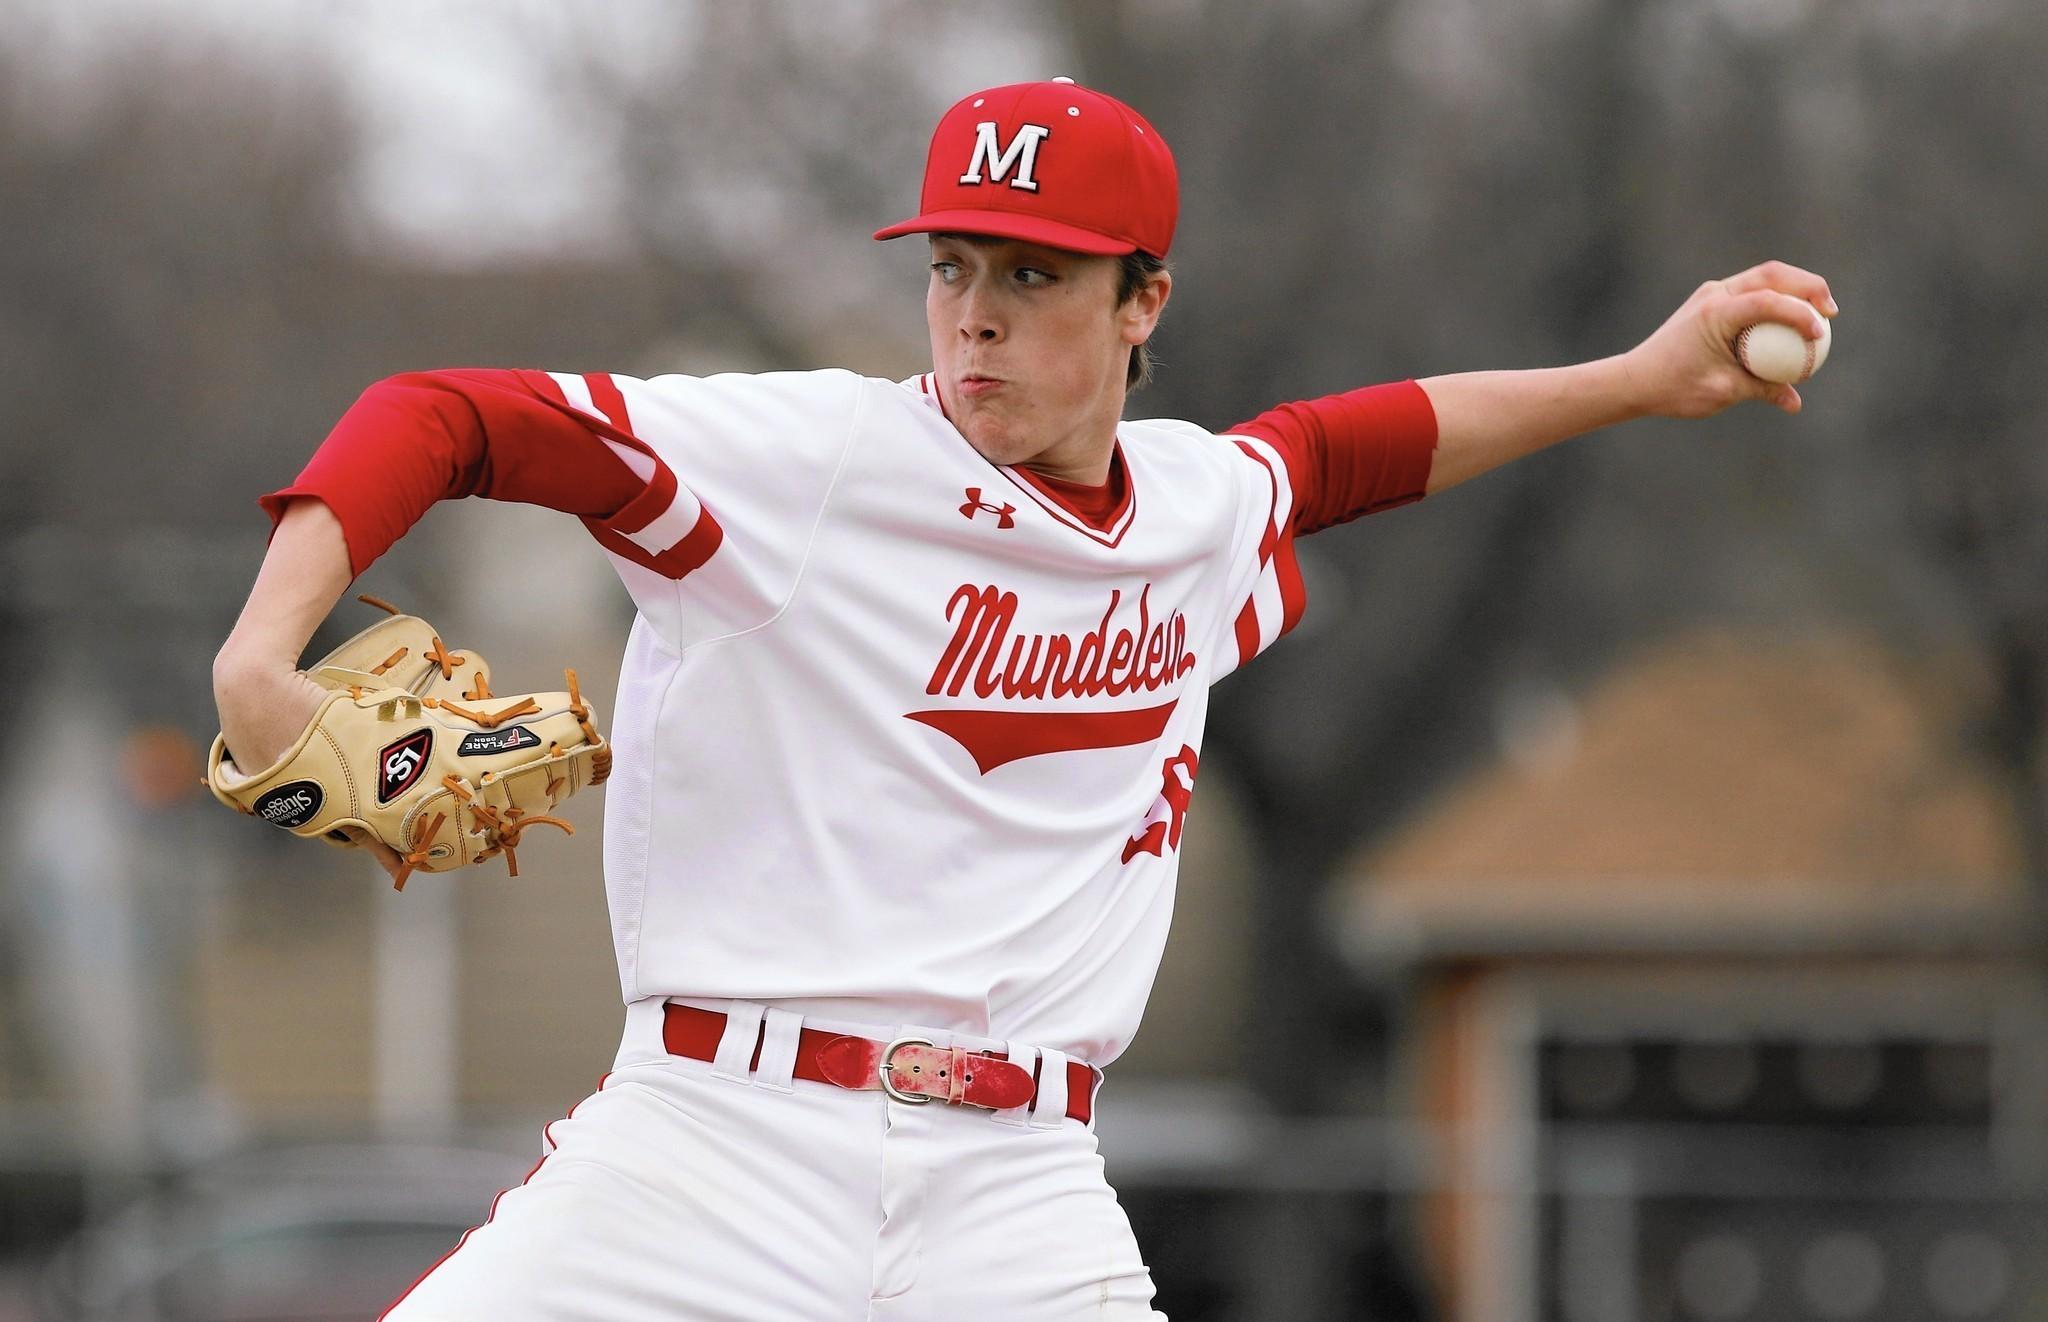 Image Result For Mundelein Mustangs Baseball